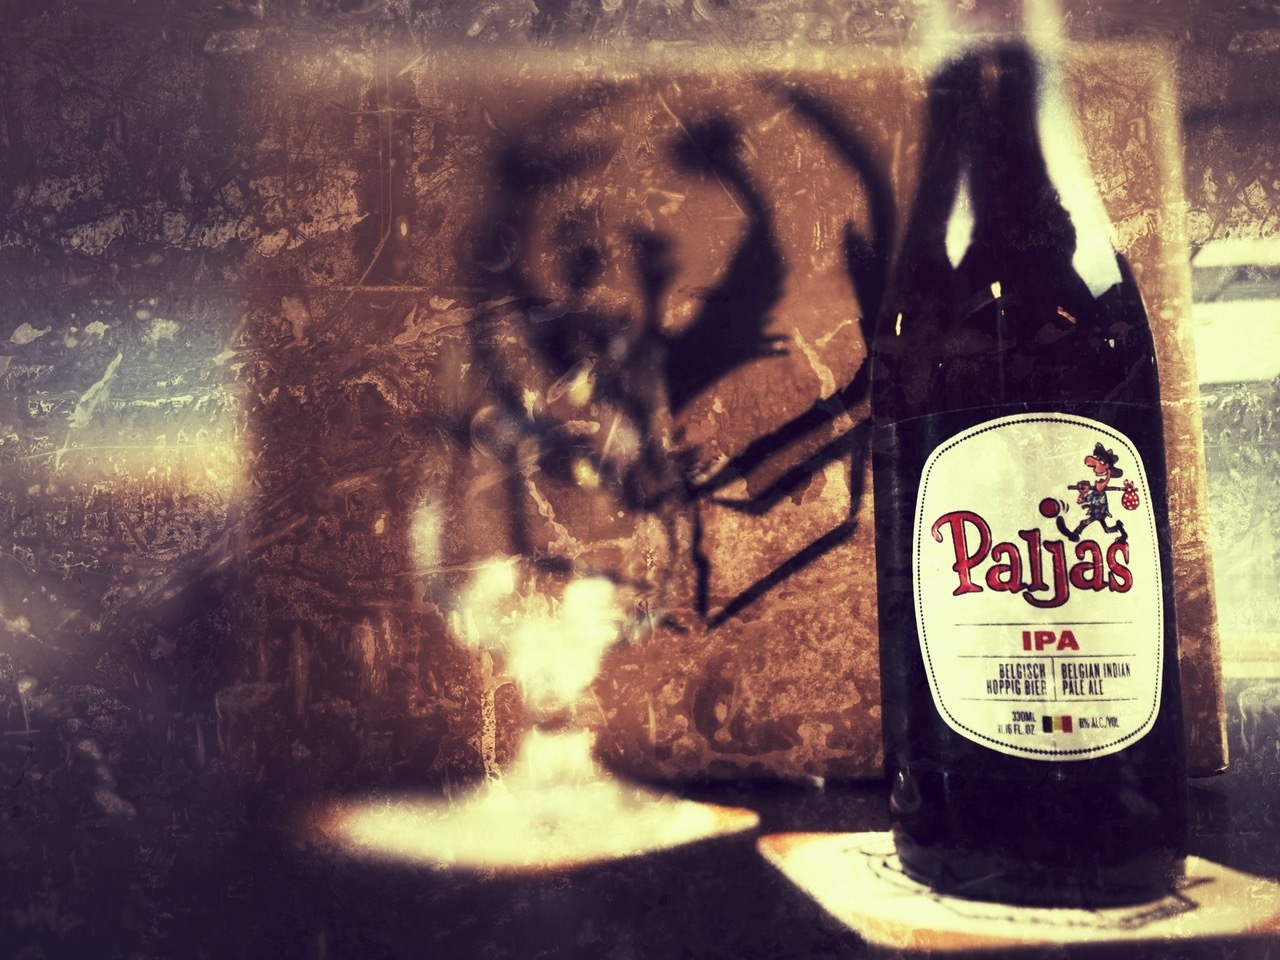 Paljas Ipa van Brouwerij Henricus